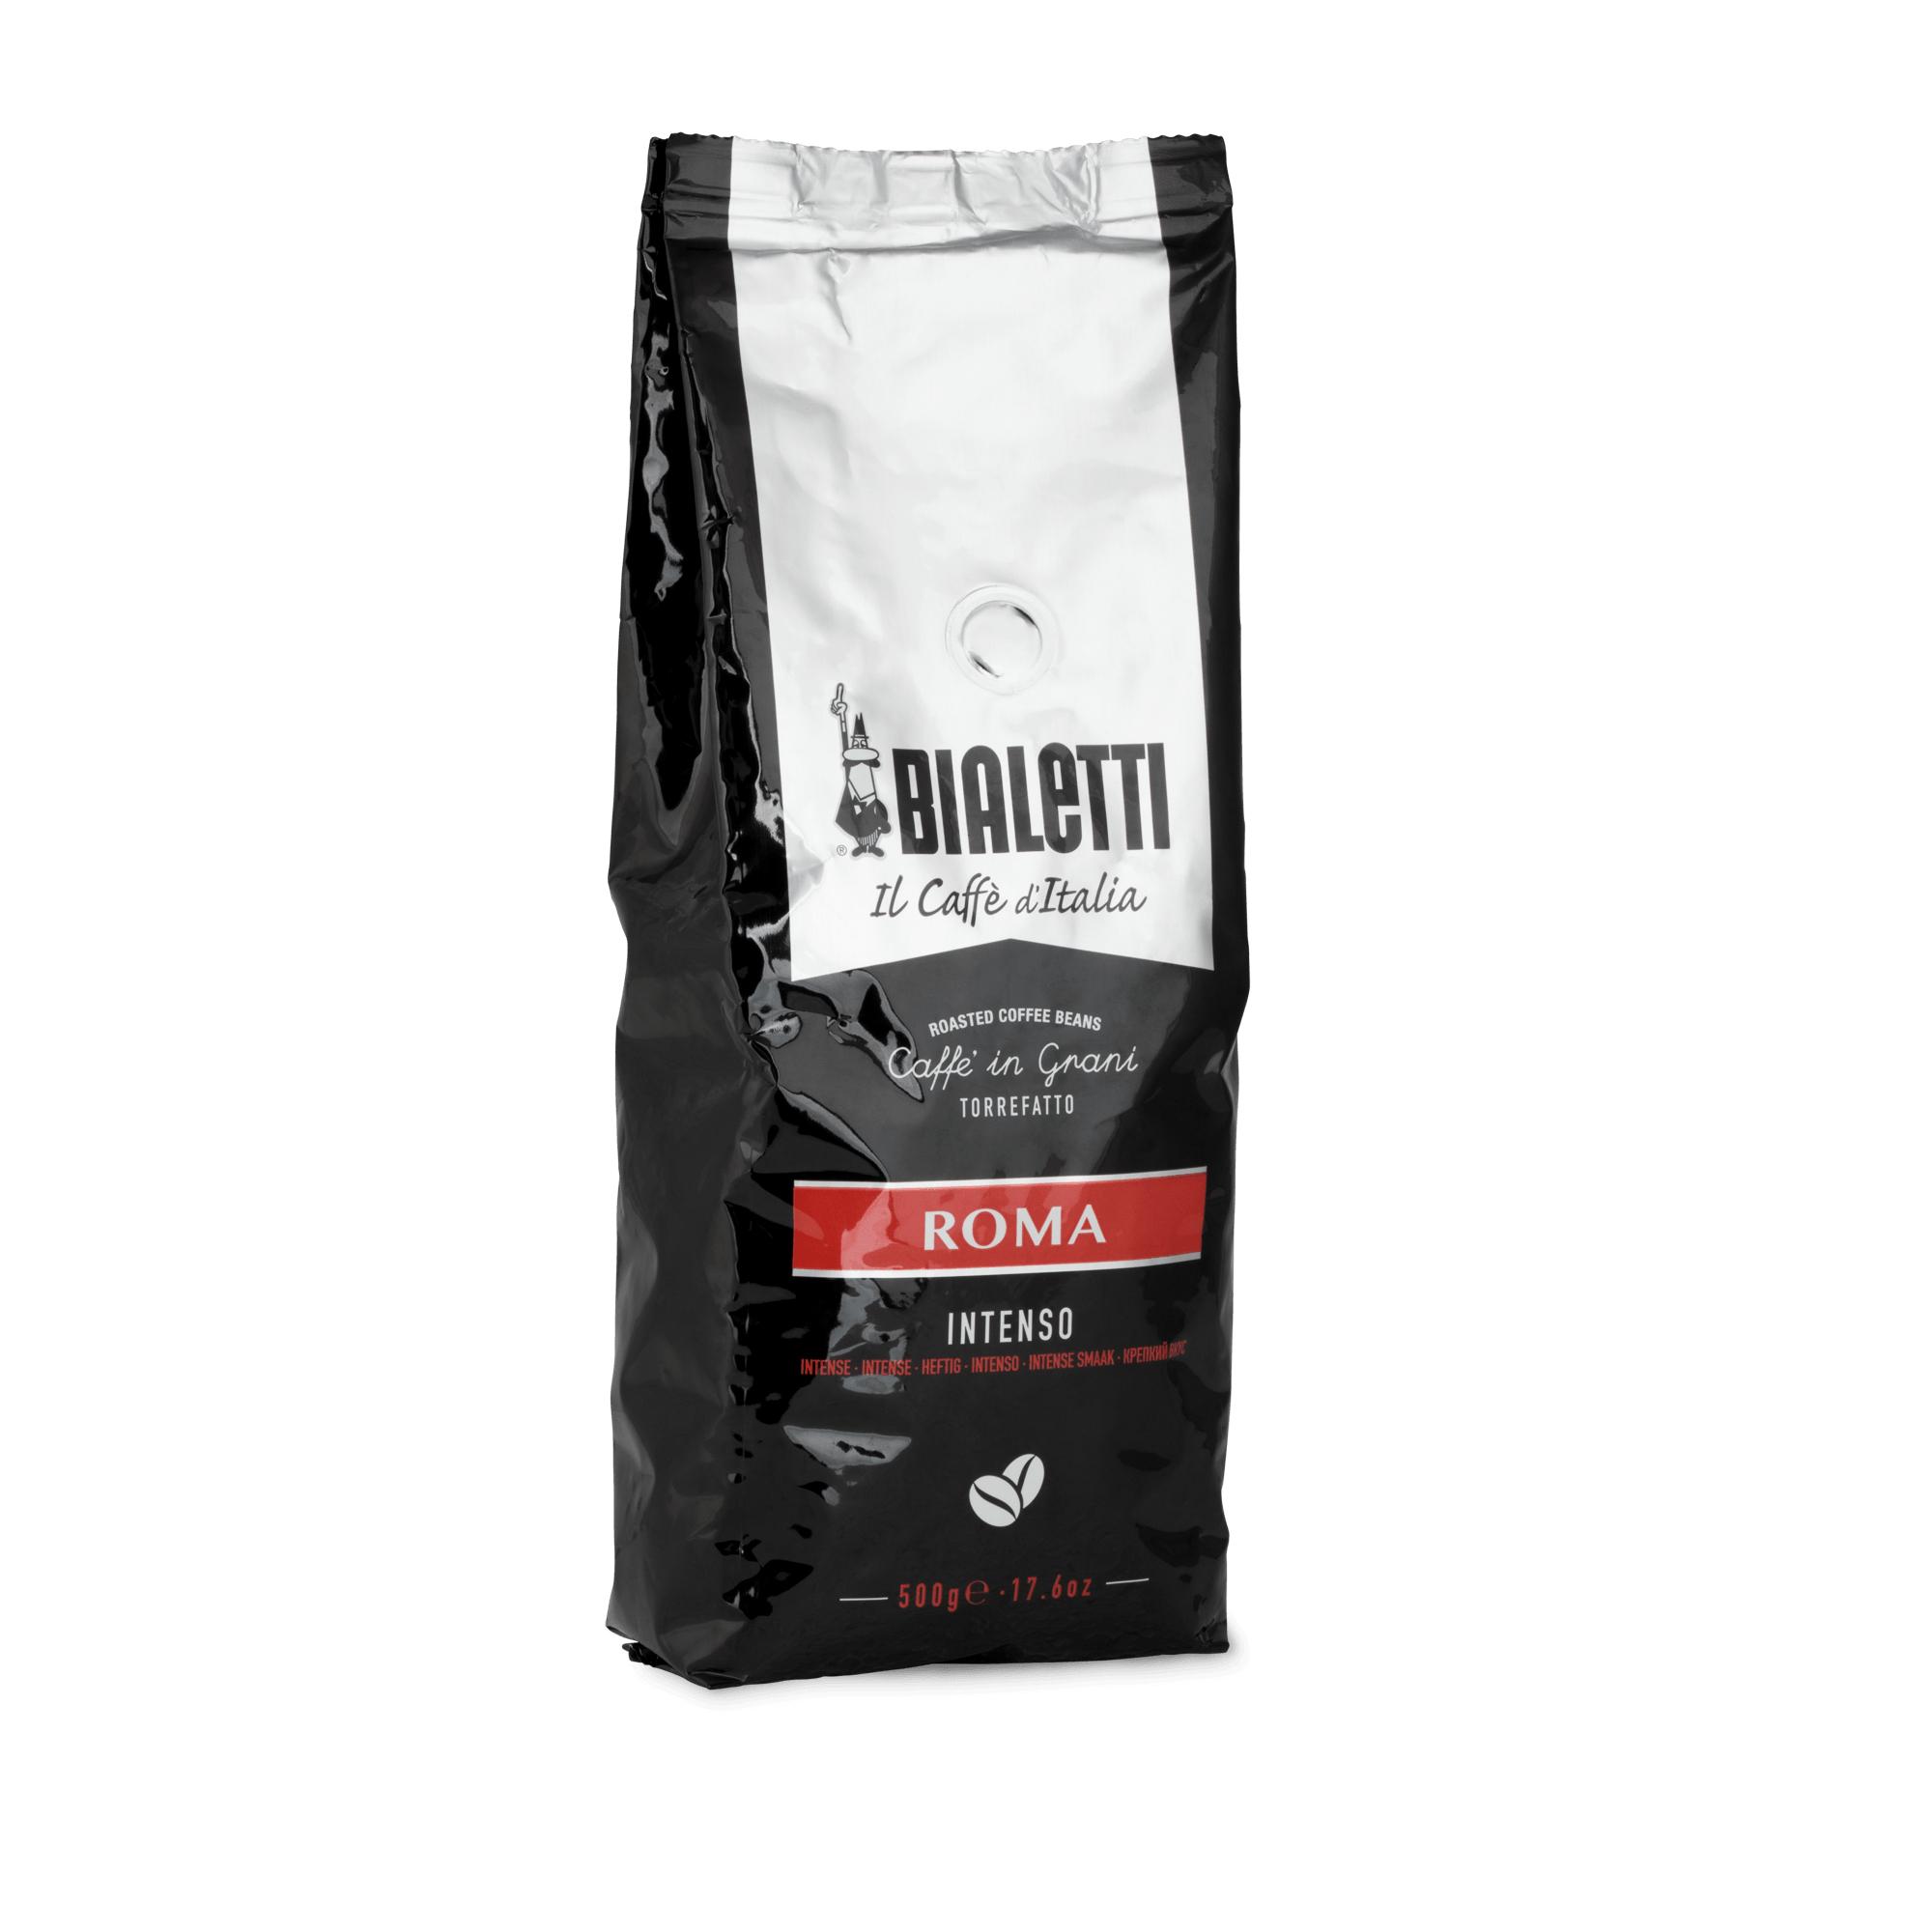 Café en grain bialetti mélange romain - 500G (bialetti.it)